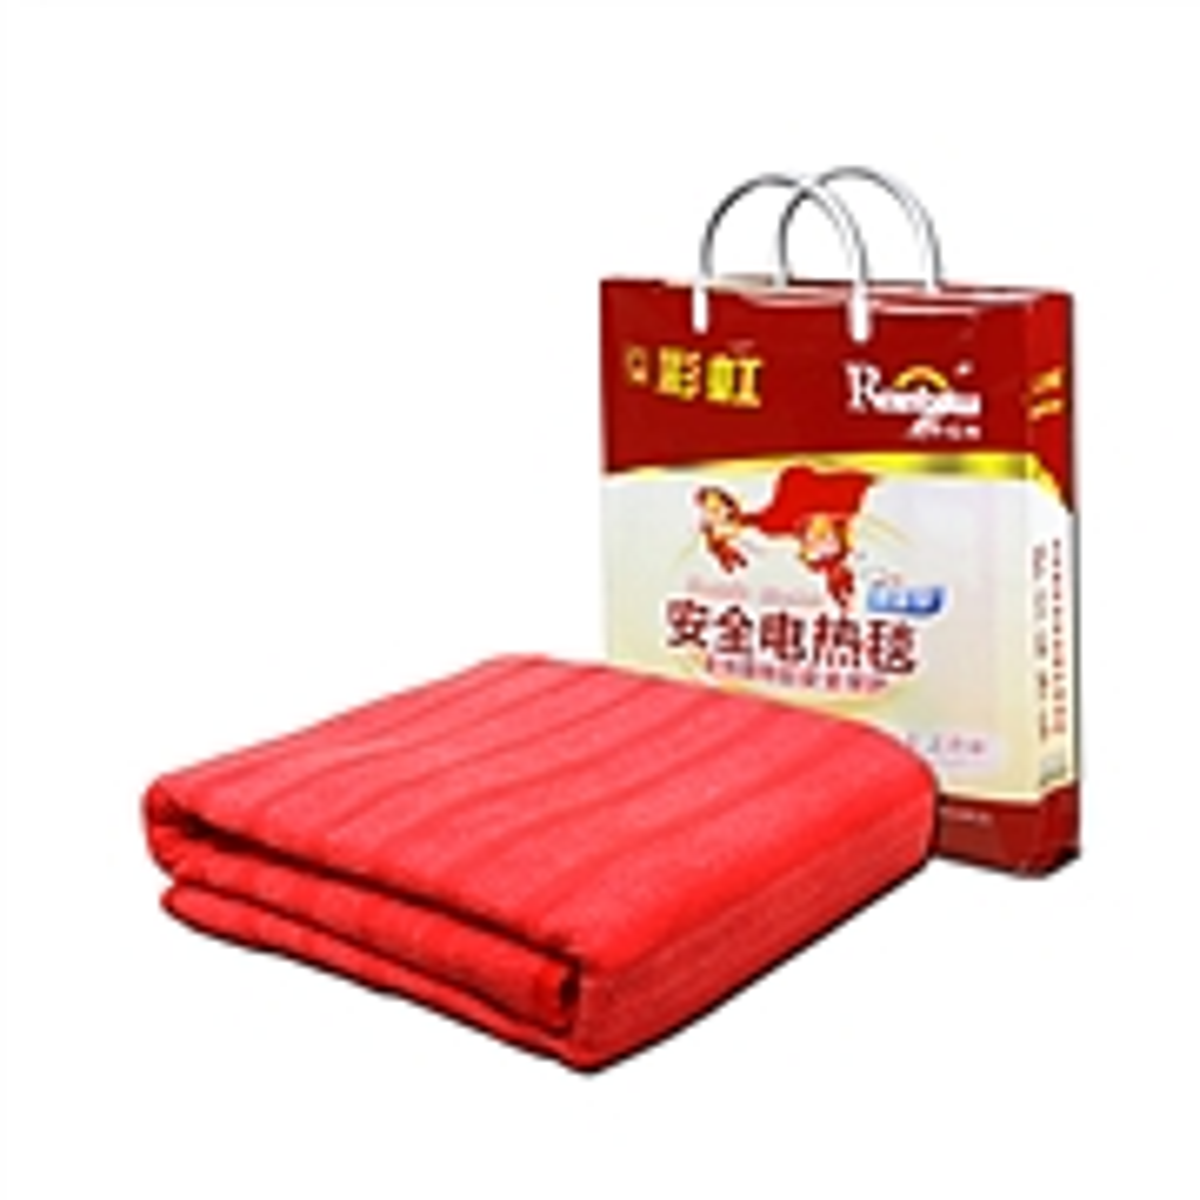 彩虹 1206A 电热毯 (单位:套)